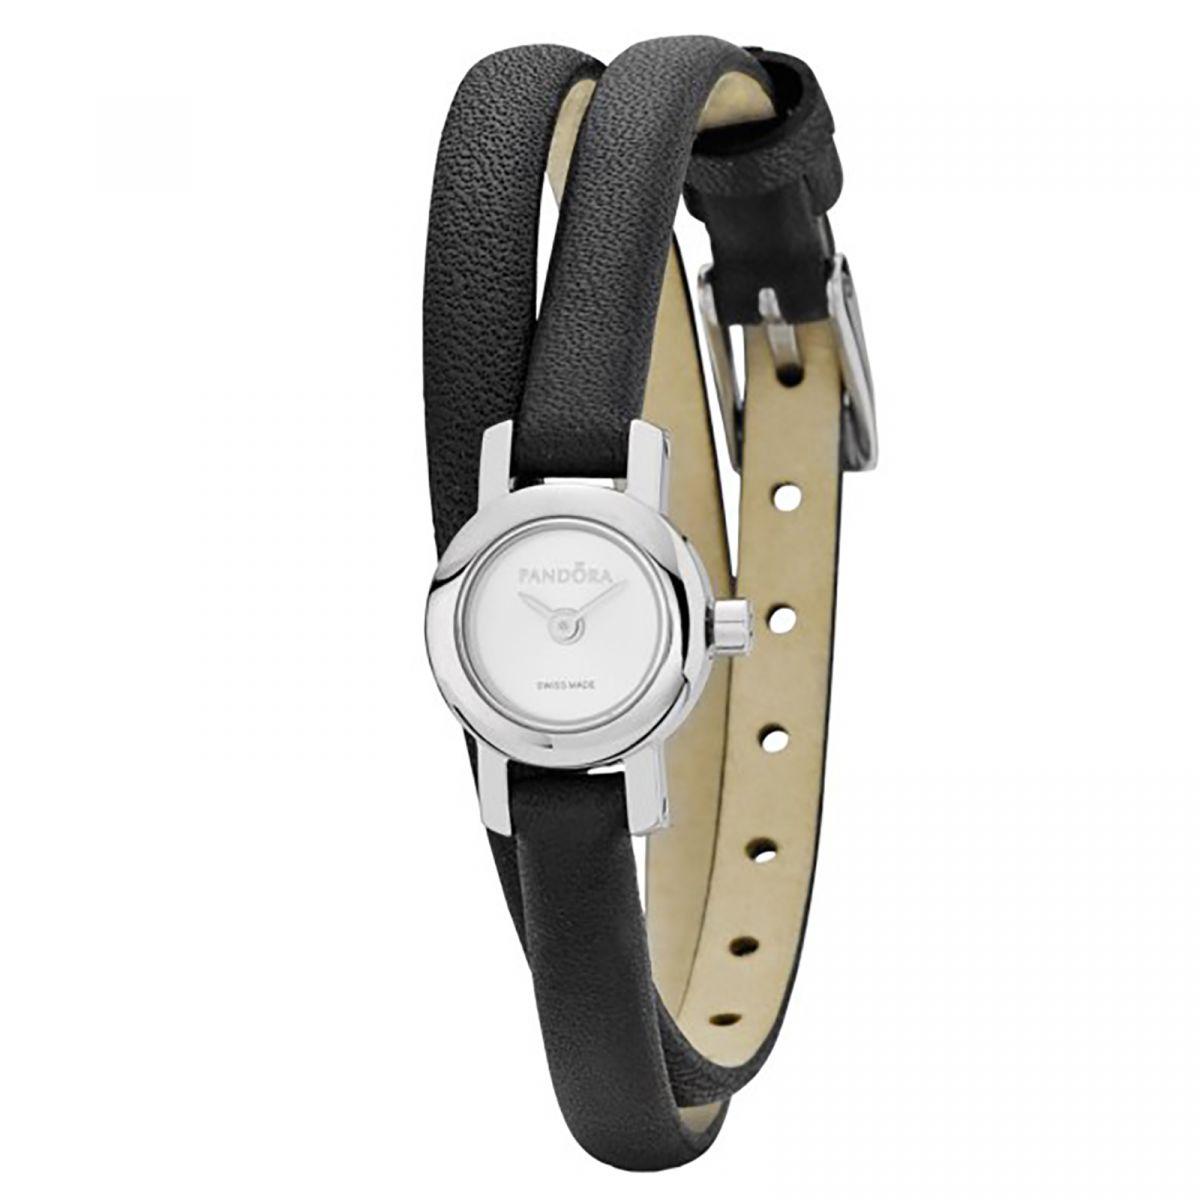 pandora damen uhr 811034wh leder armband schwarz silber. Black Bedroom Furniture Sets. Home Design Ideas